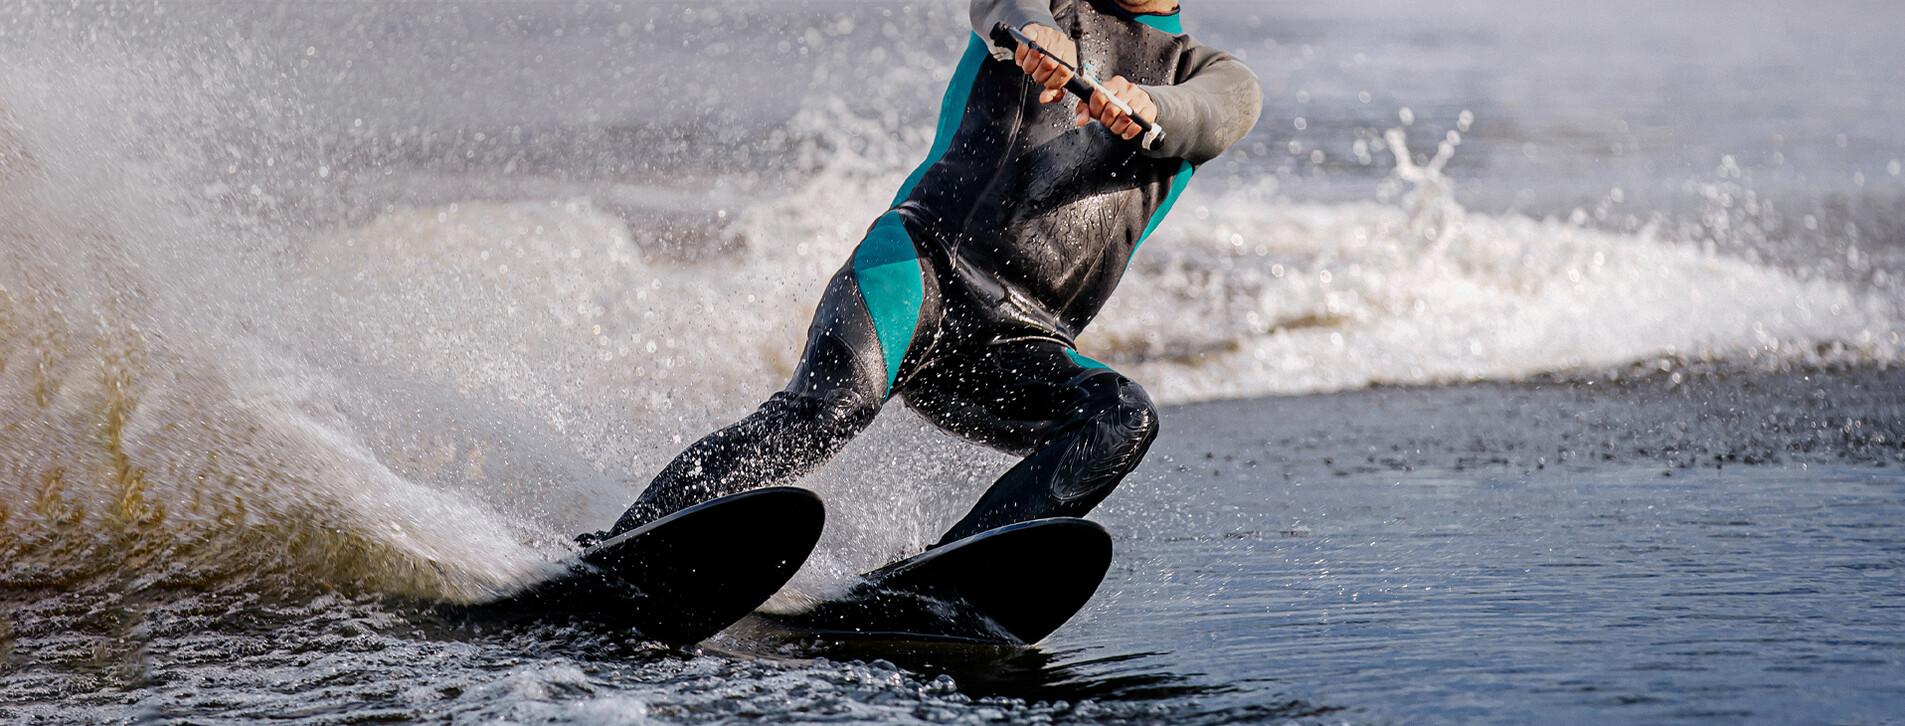 Fotoğraf 1 - İki Kişi için Kablolu Waterski Deneyimi